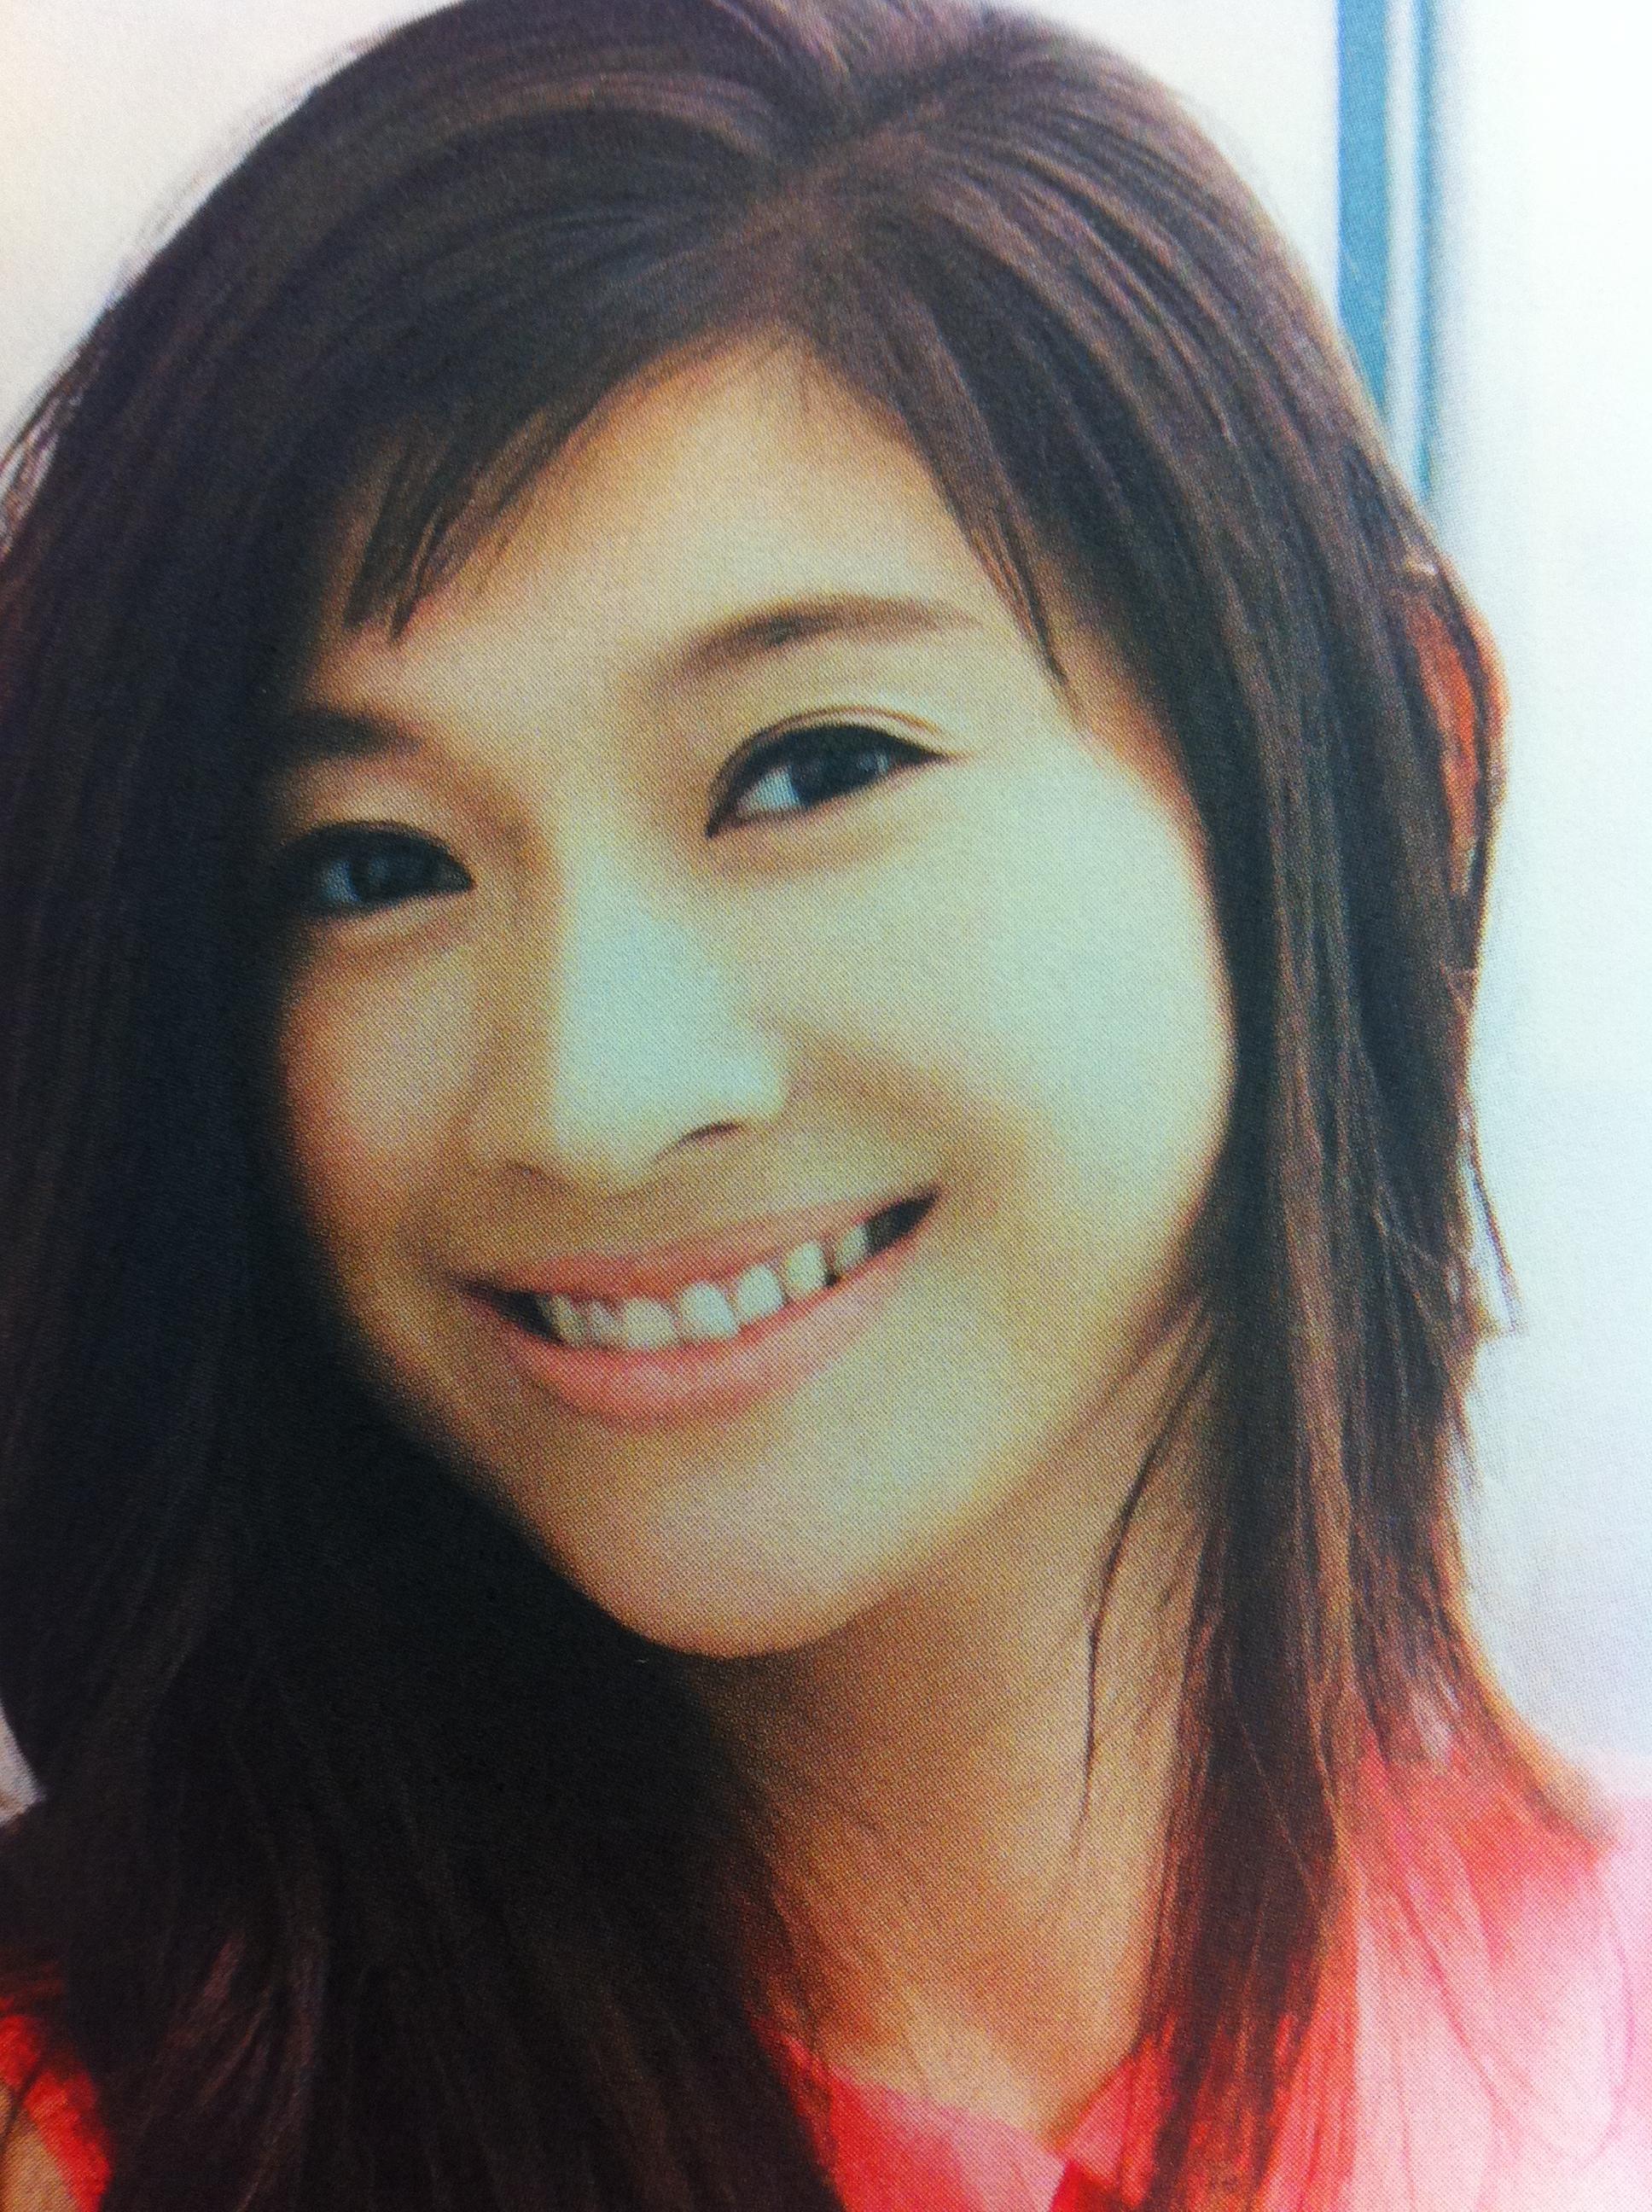 篠原涼子の画像 p1_38